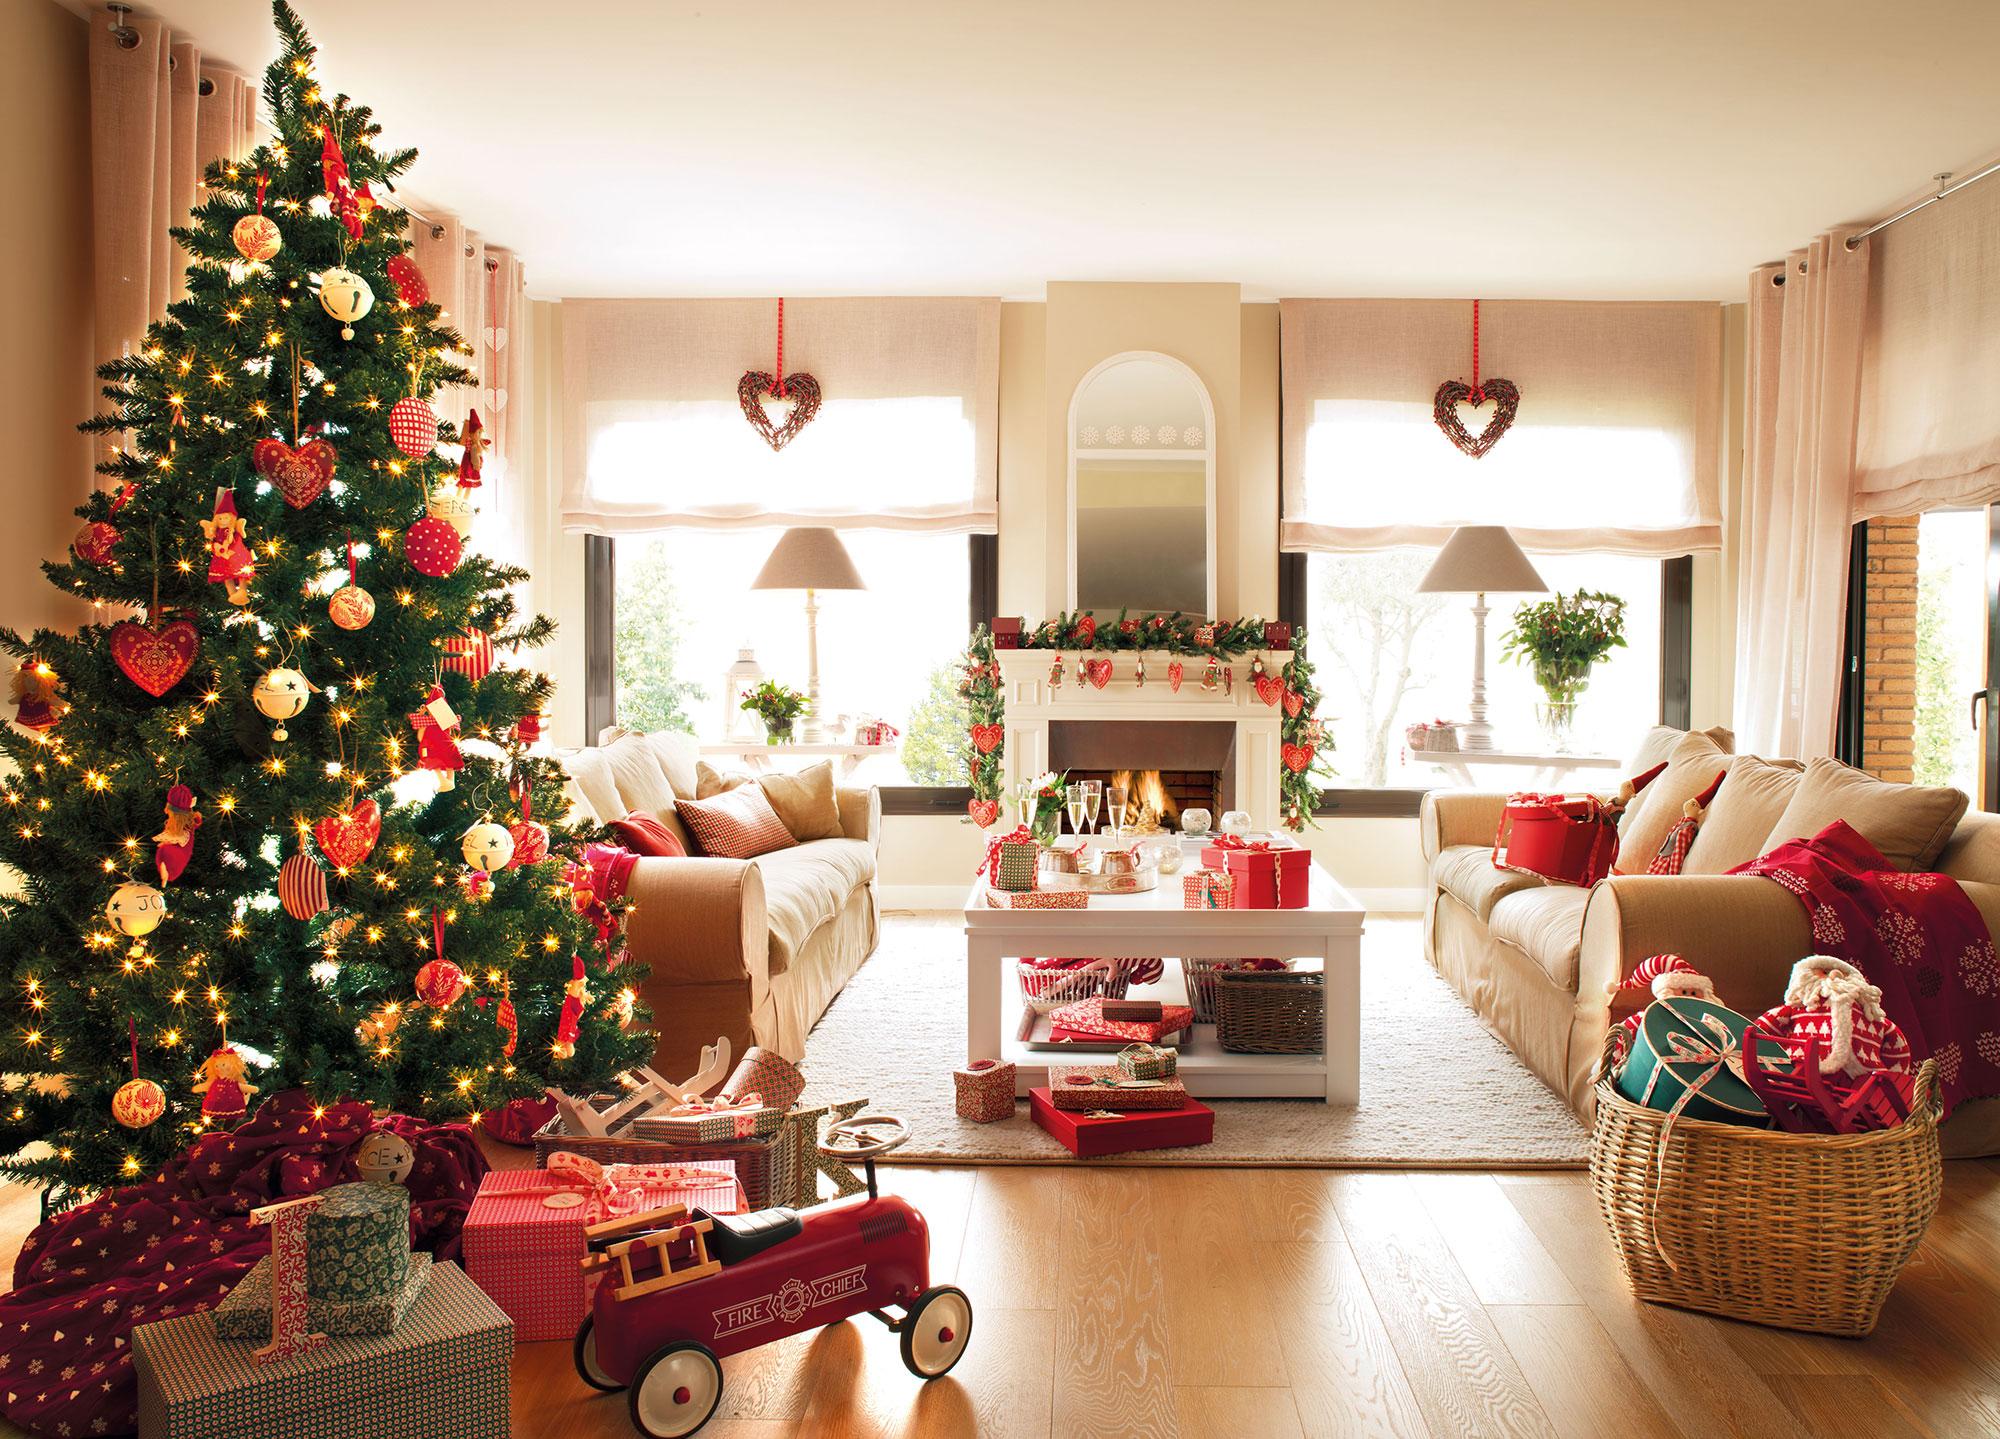 Decorar El Arbol De Navidad 15 Propuestas De Todos Los Estilos - Decorados-de-navidad